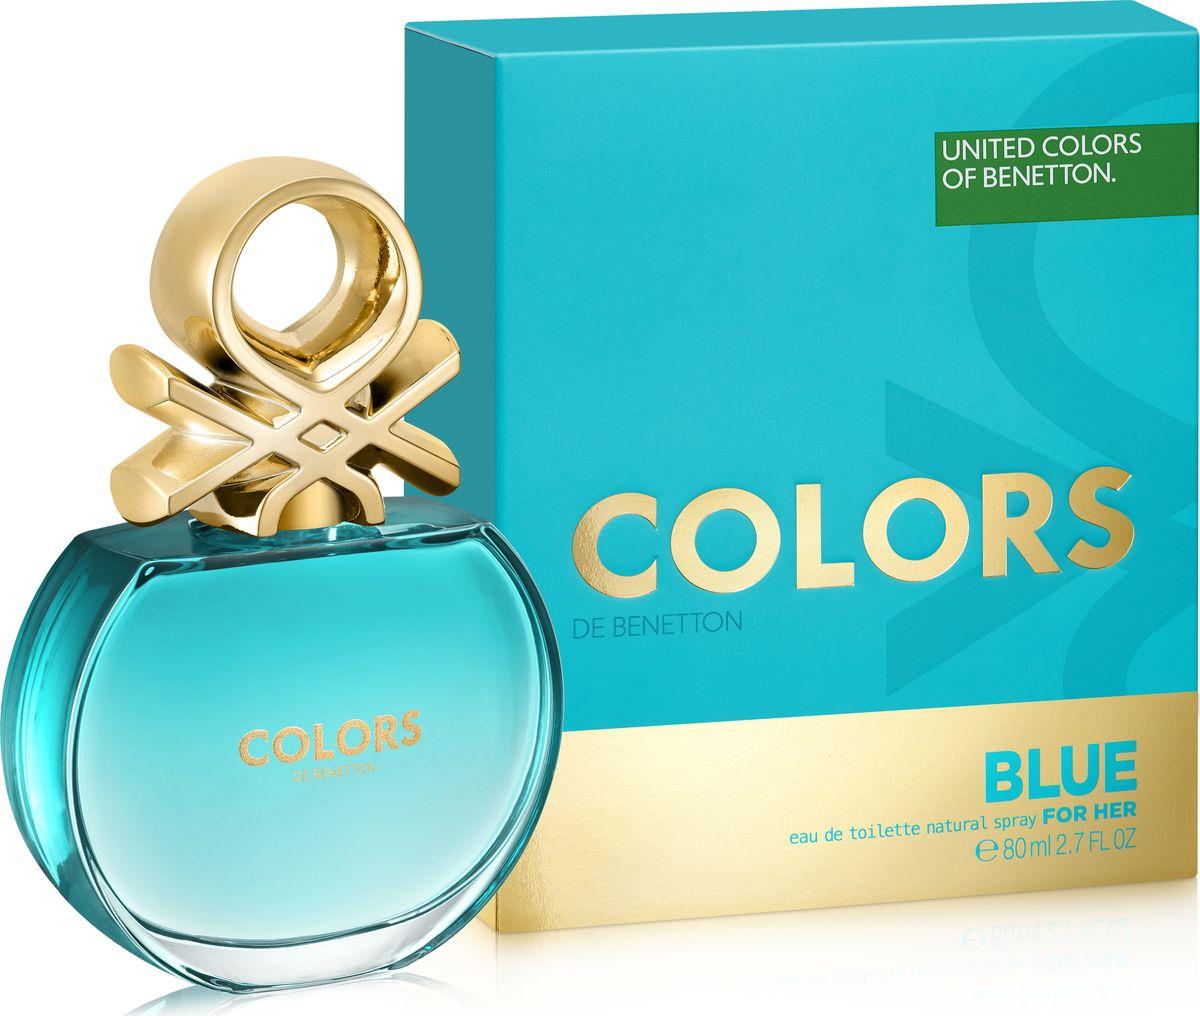 Benetton Colors Blue Туалетная вода женская 80 мл65113752Аромат в бирюзовом флаконе раскрывается яркой, искристой смесью севильского апельсина и энергичного юдзу. Женственные ноты нероли и характерные ноты чая матэ наделяют его элегантностью, подчеркнутой прозрачной фрезией. В базе чистая и чувственная свежесть бобов тонка переплетается с характером кедра и тягучестью мускуса. Аромат с индивидуальностью. Совершенно неотразимый.Верхняя нота: Севильский апельсин, Лимон, ЮдзуСредняя нота: Апельсиновый цвет, Фрезия, МатэШлейф: Тонизирующие ноты матэ с ломтиком цитрусовых. Бодрящий, яркий, живойНанести на кожу, избегая попадания в глаза.Краткий гид по парфюмерии: виды, ноты, ароматы, советы по выбору. Статья OZON Гид